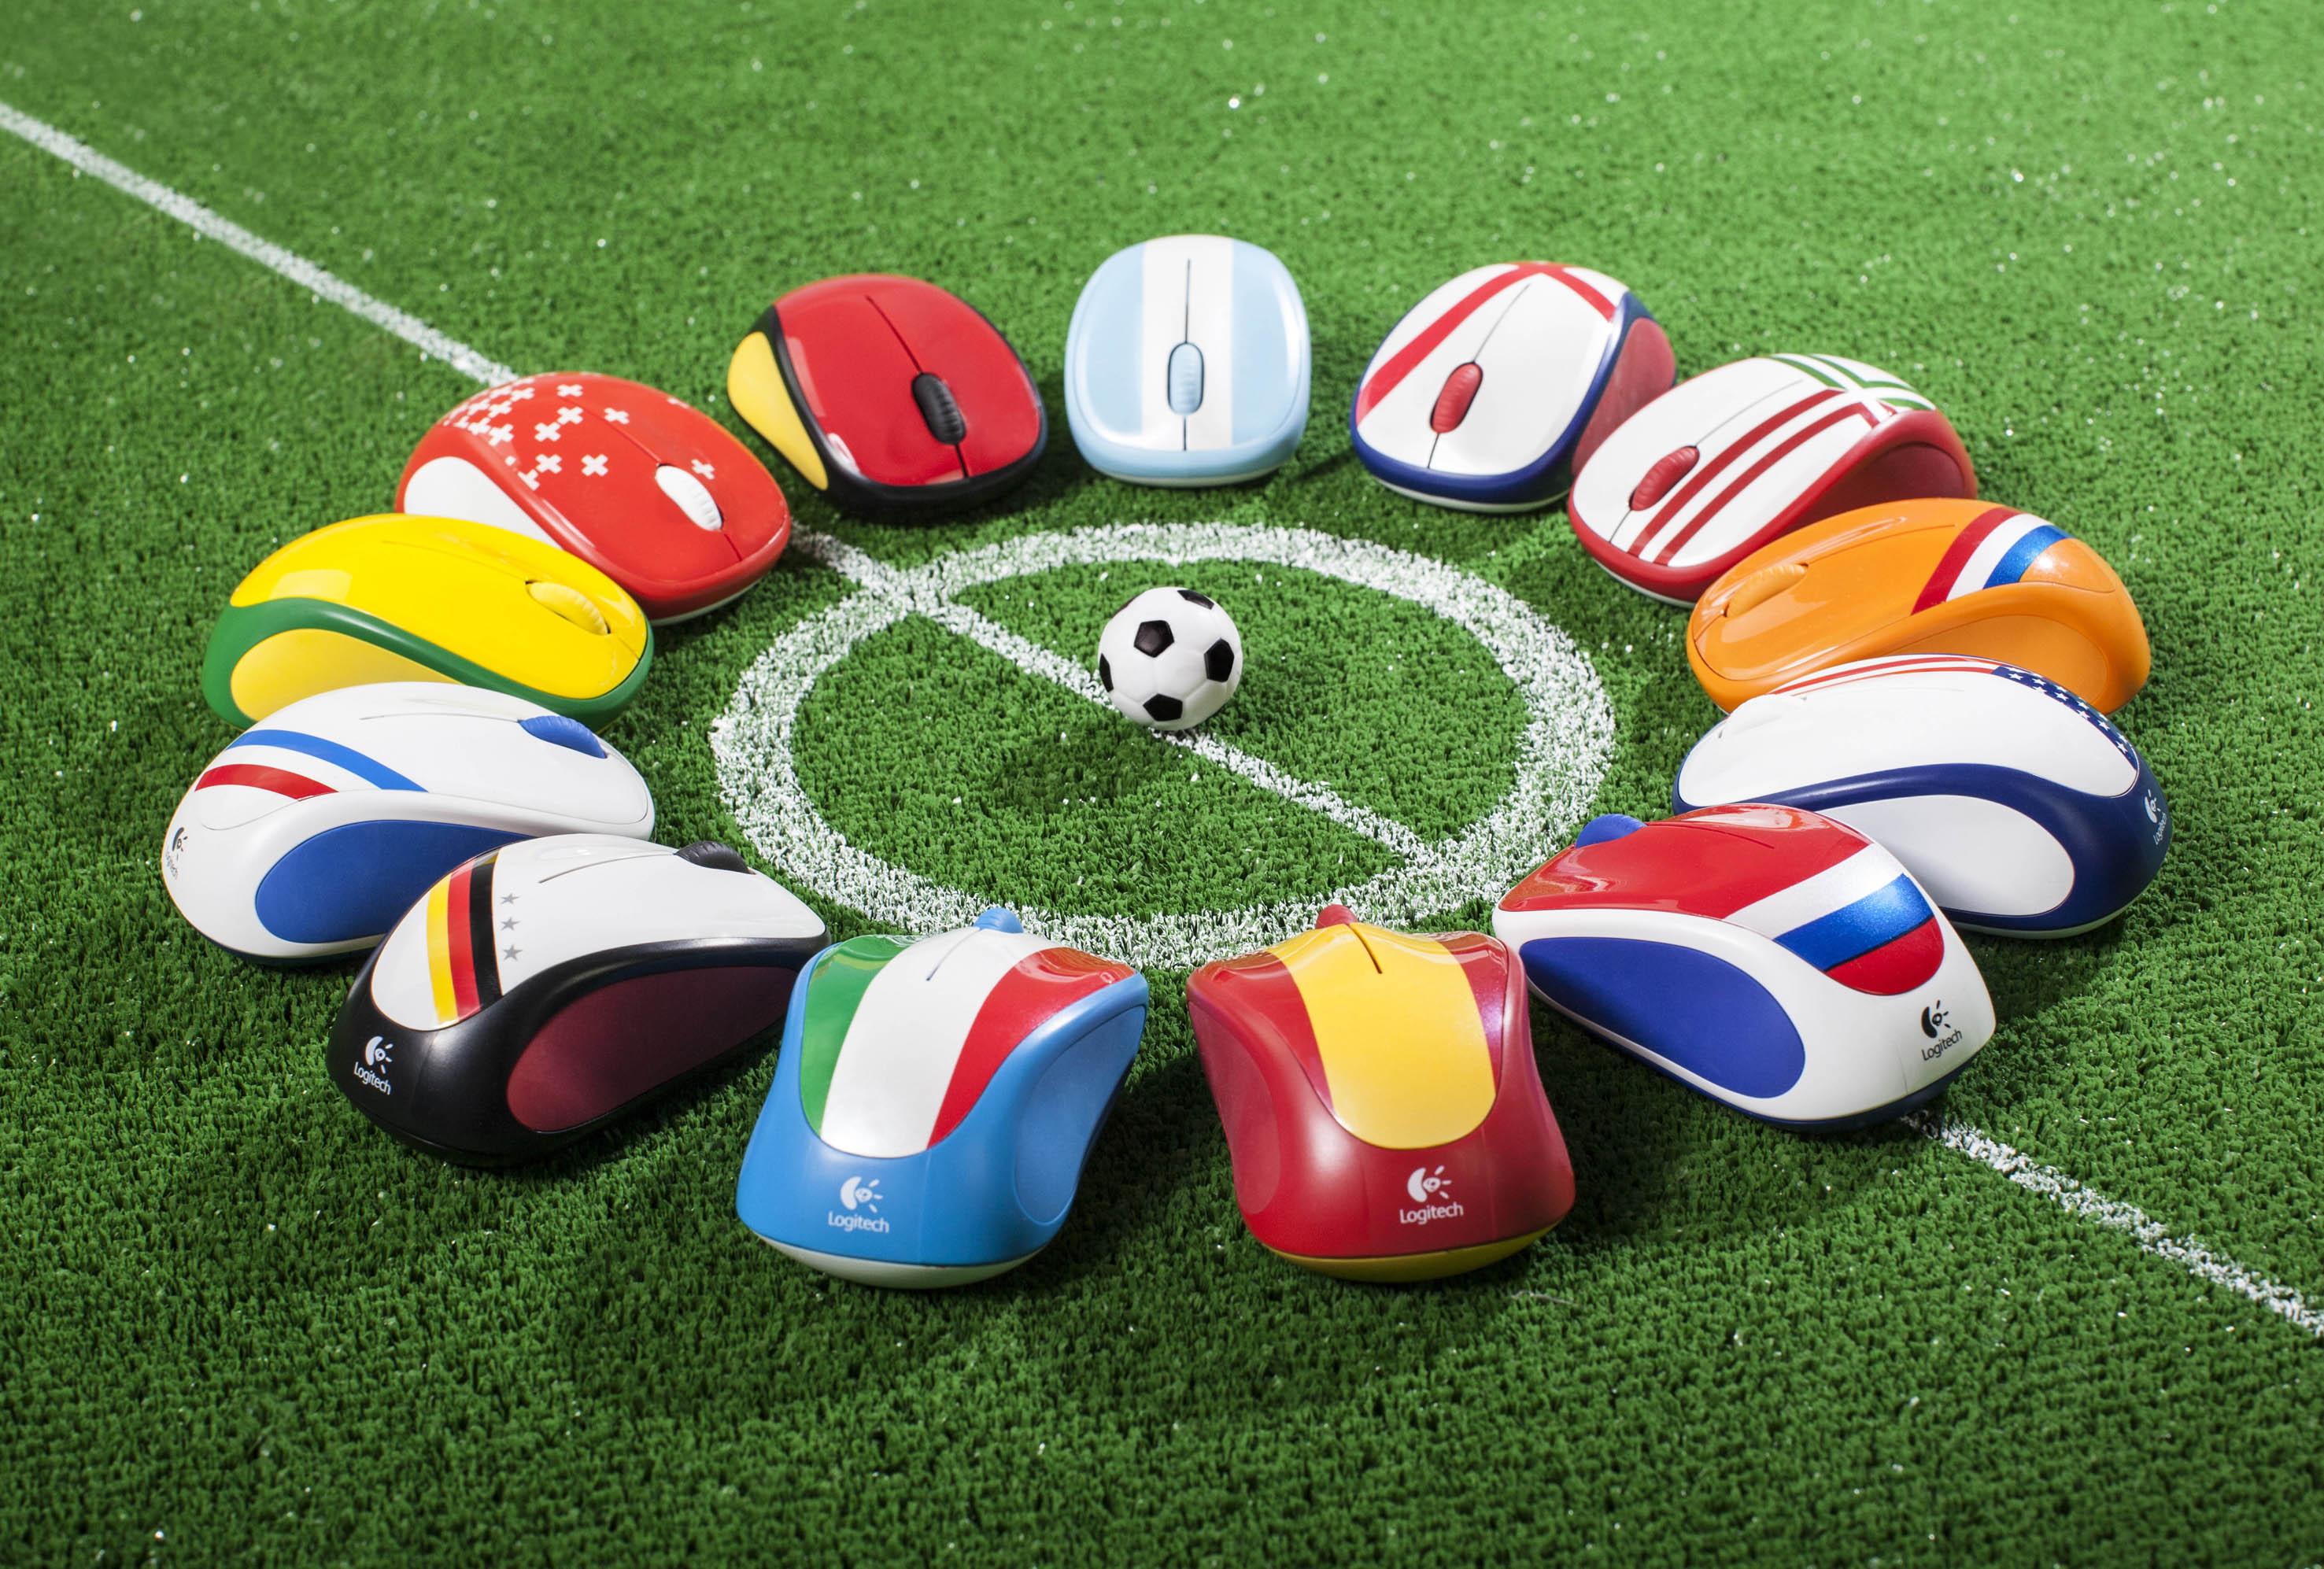 Bild von Logitech bietet Maus als Football Edition passend zur WM